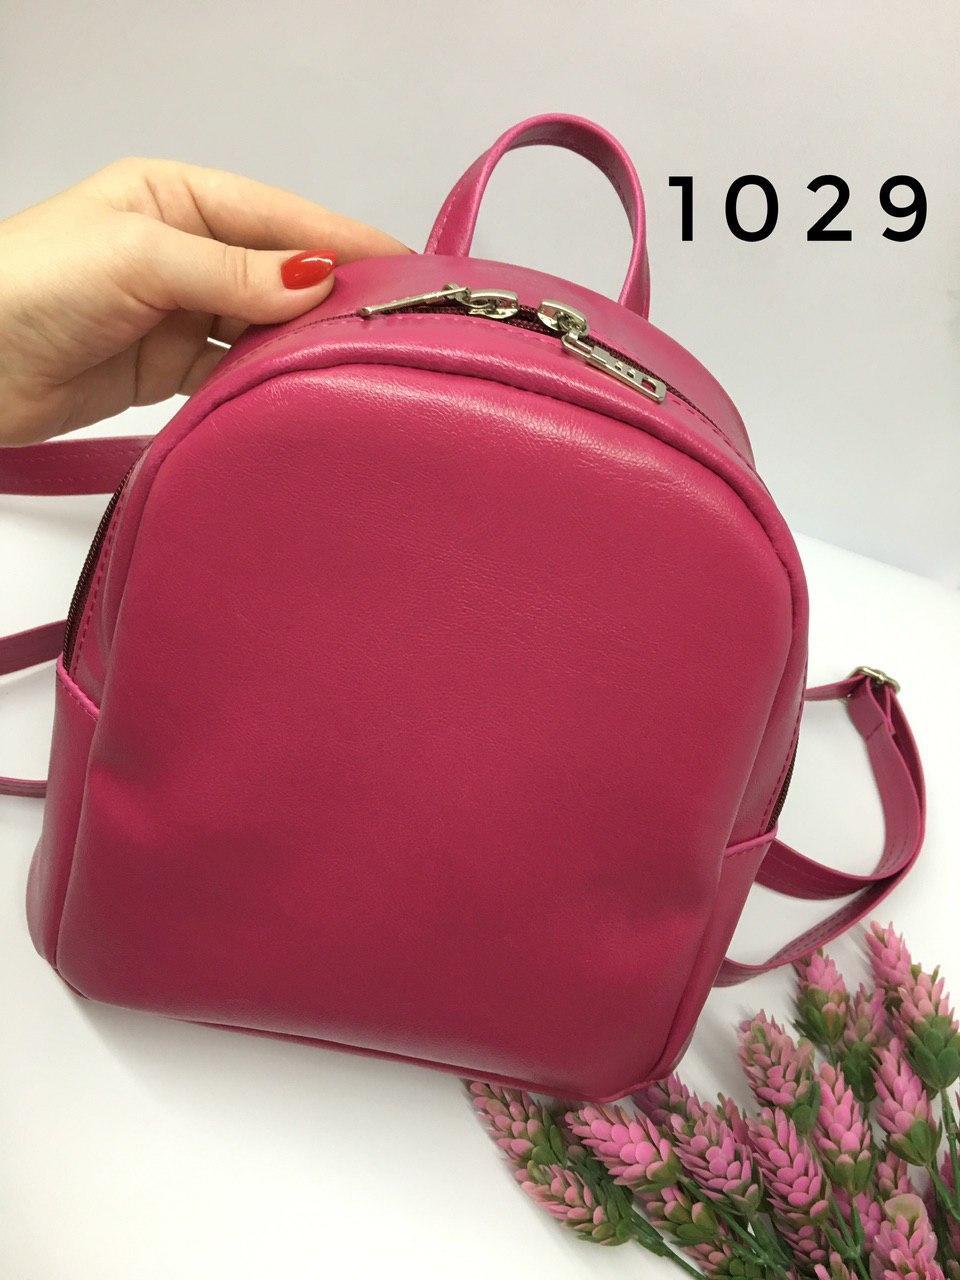 Стильный женский рюкзак маленький яркий малиновый эко-кожа ЕСТЬ РАЗНЫЕ ЦВЕТА